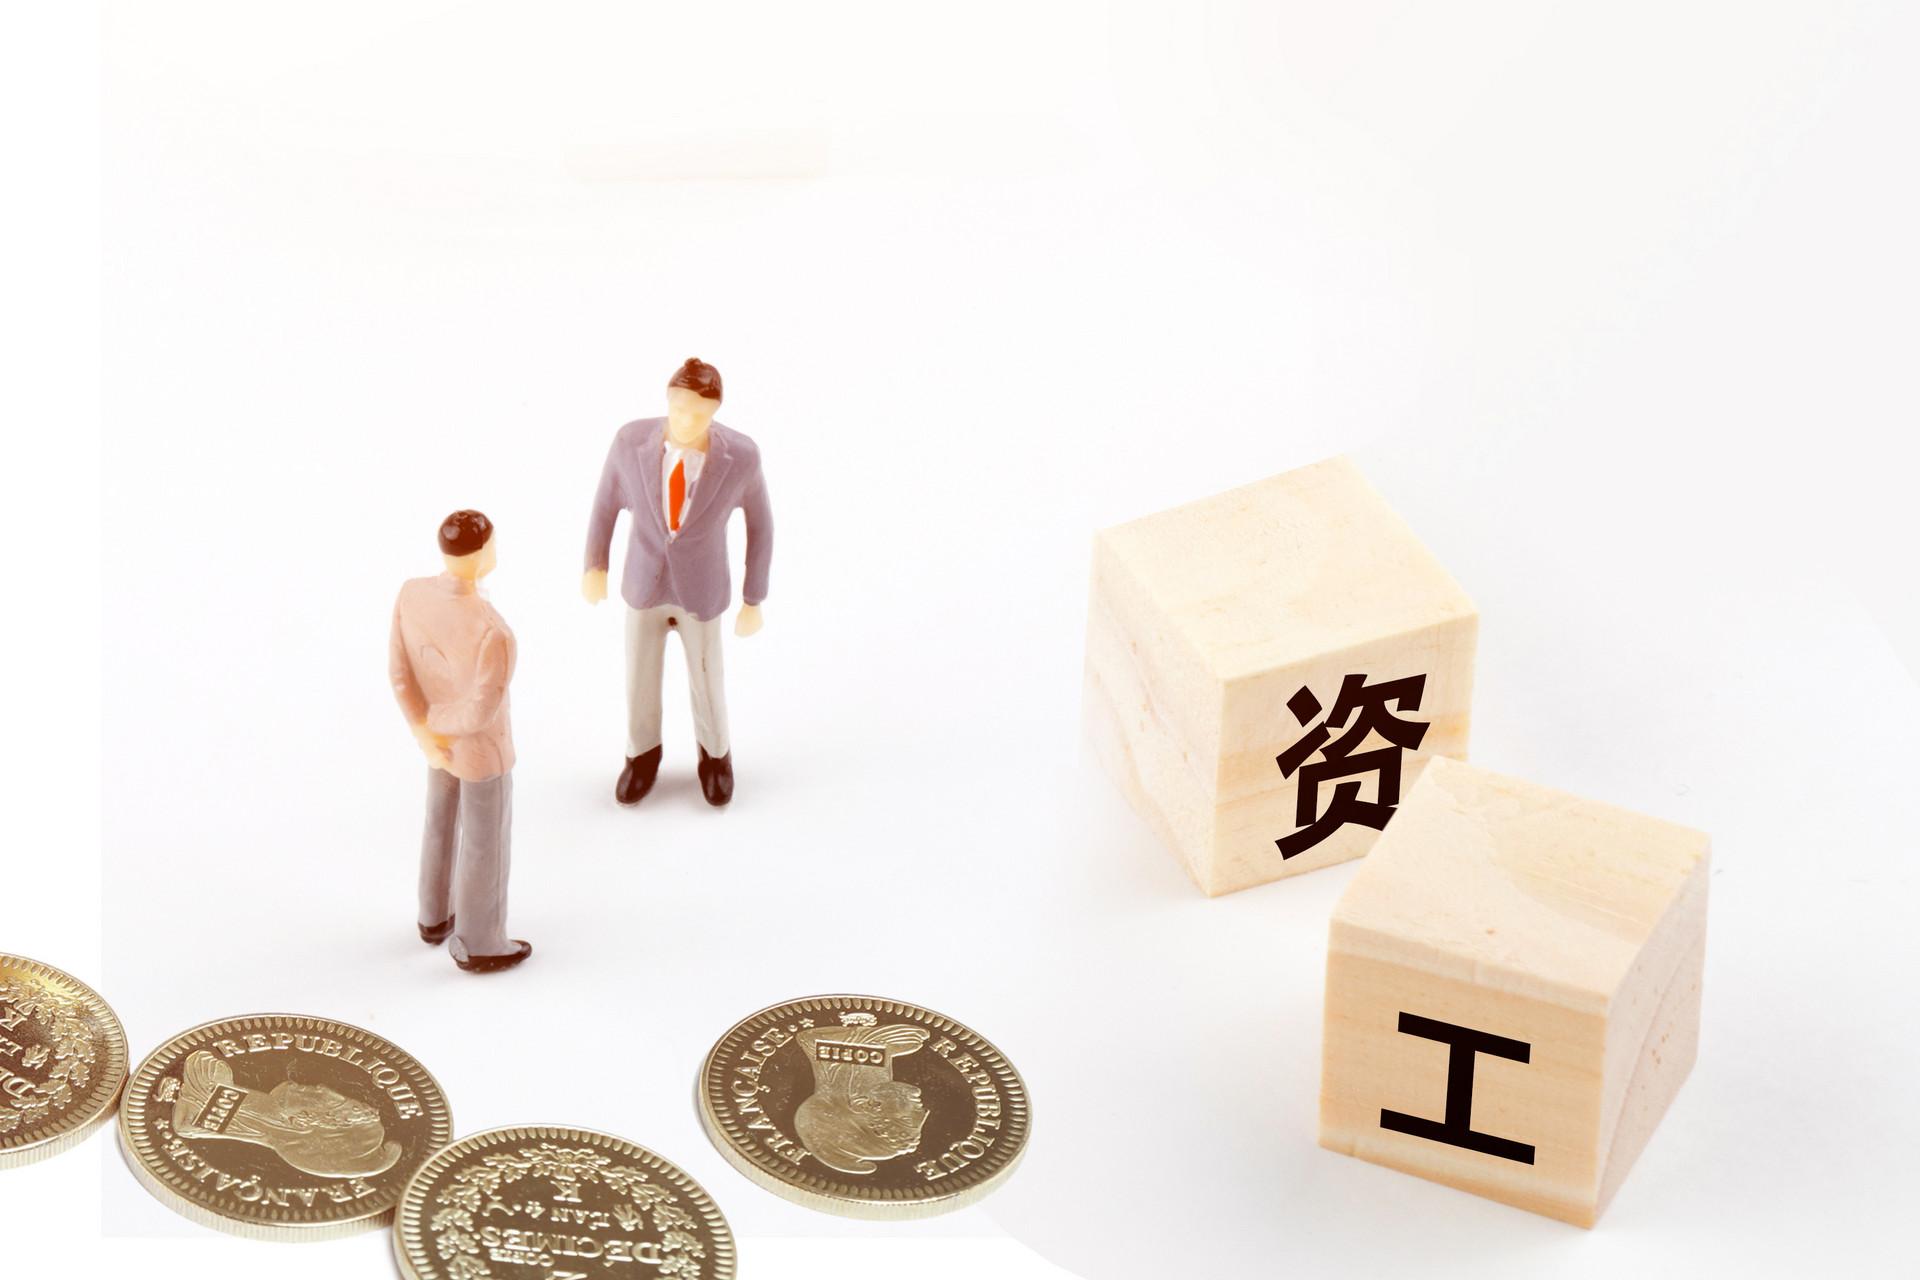 代发薪资好处体现在哪里?公司和员工有什么好处?